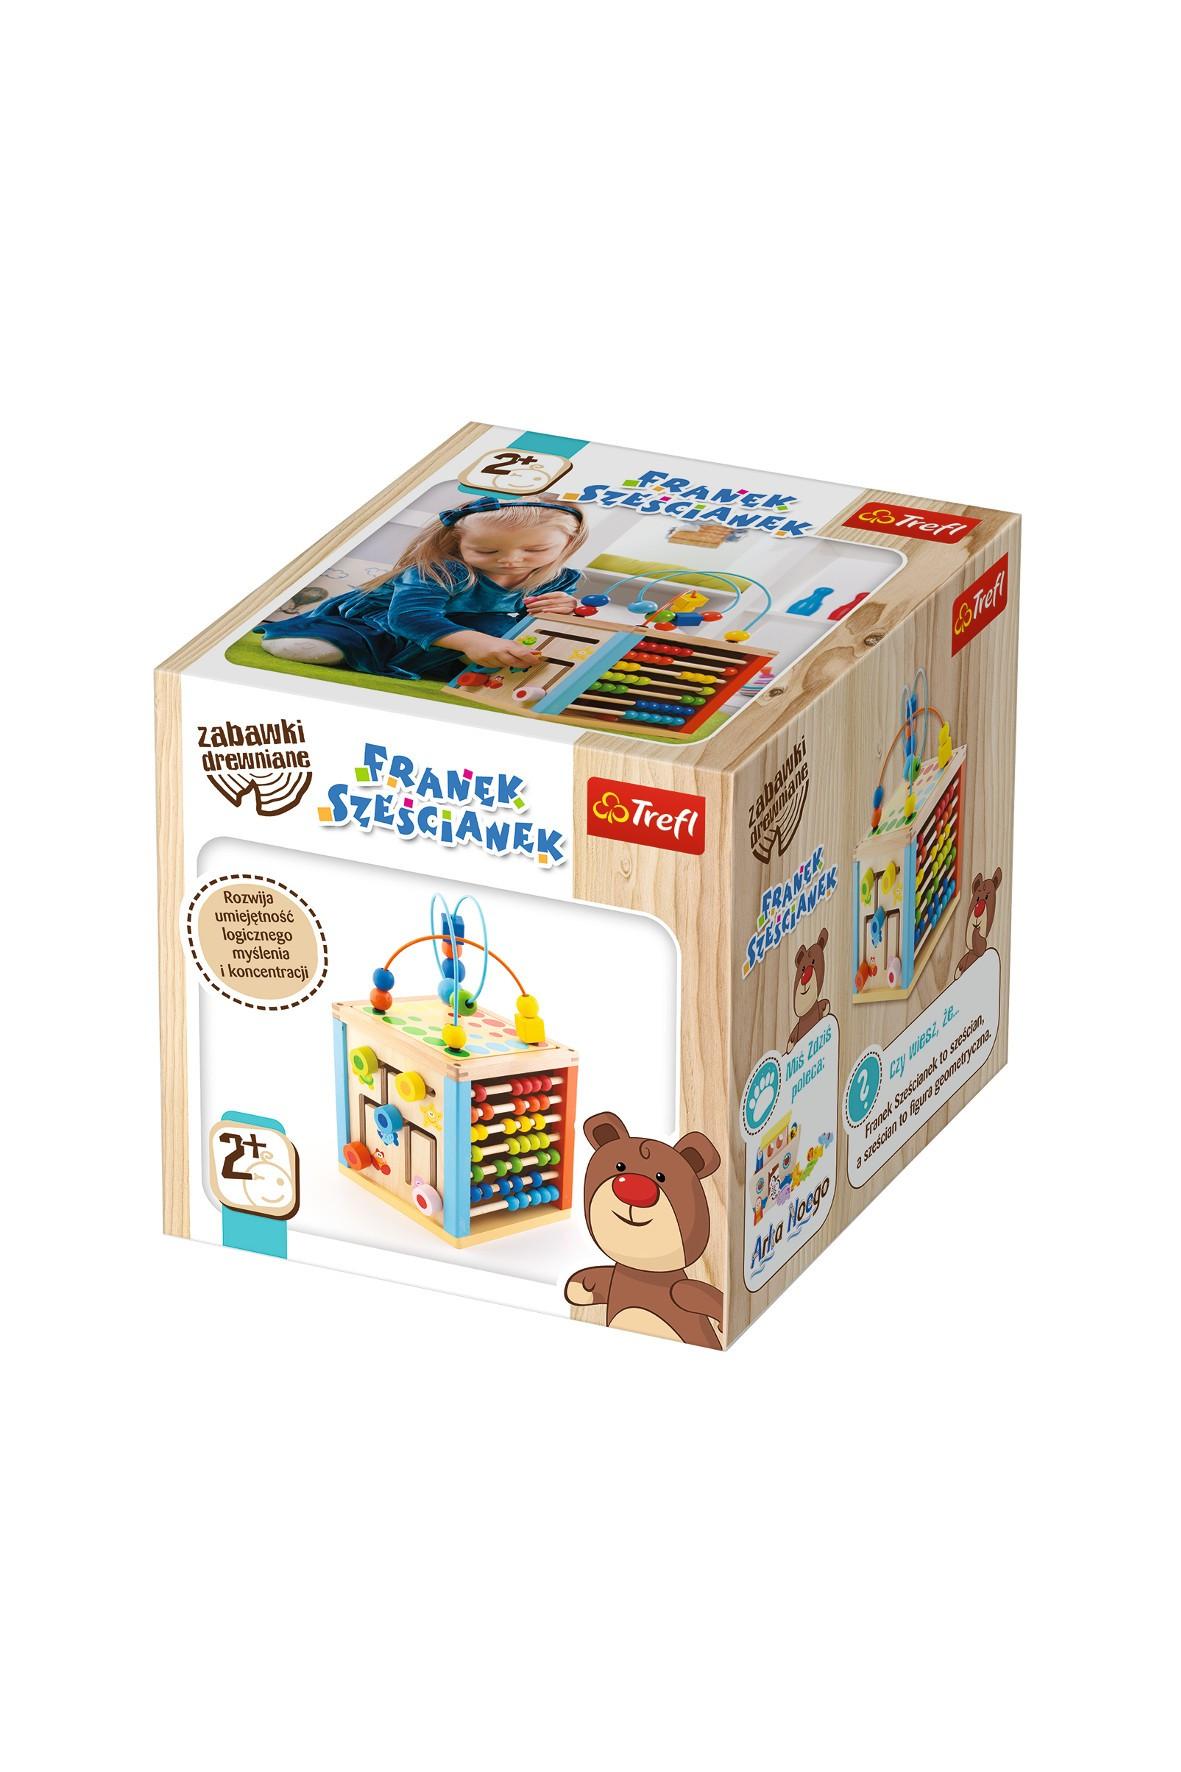 Zabawka edukacyjna drewniana - Franek Sześcianek